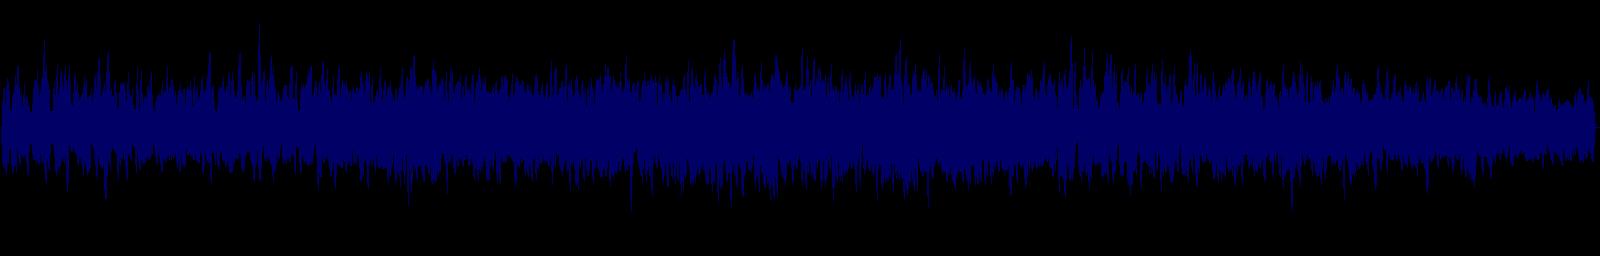 waveform of track #135835